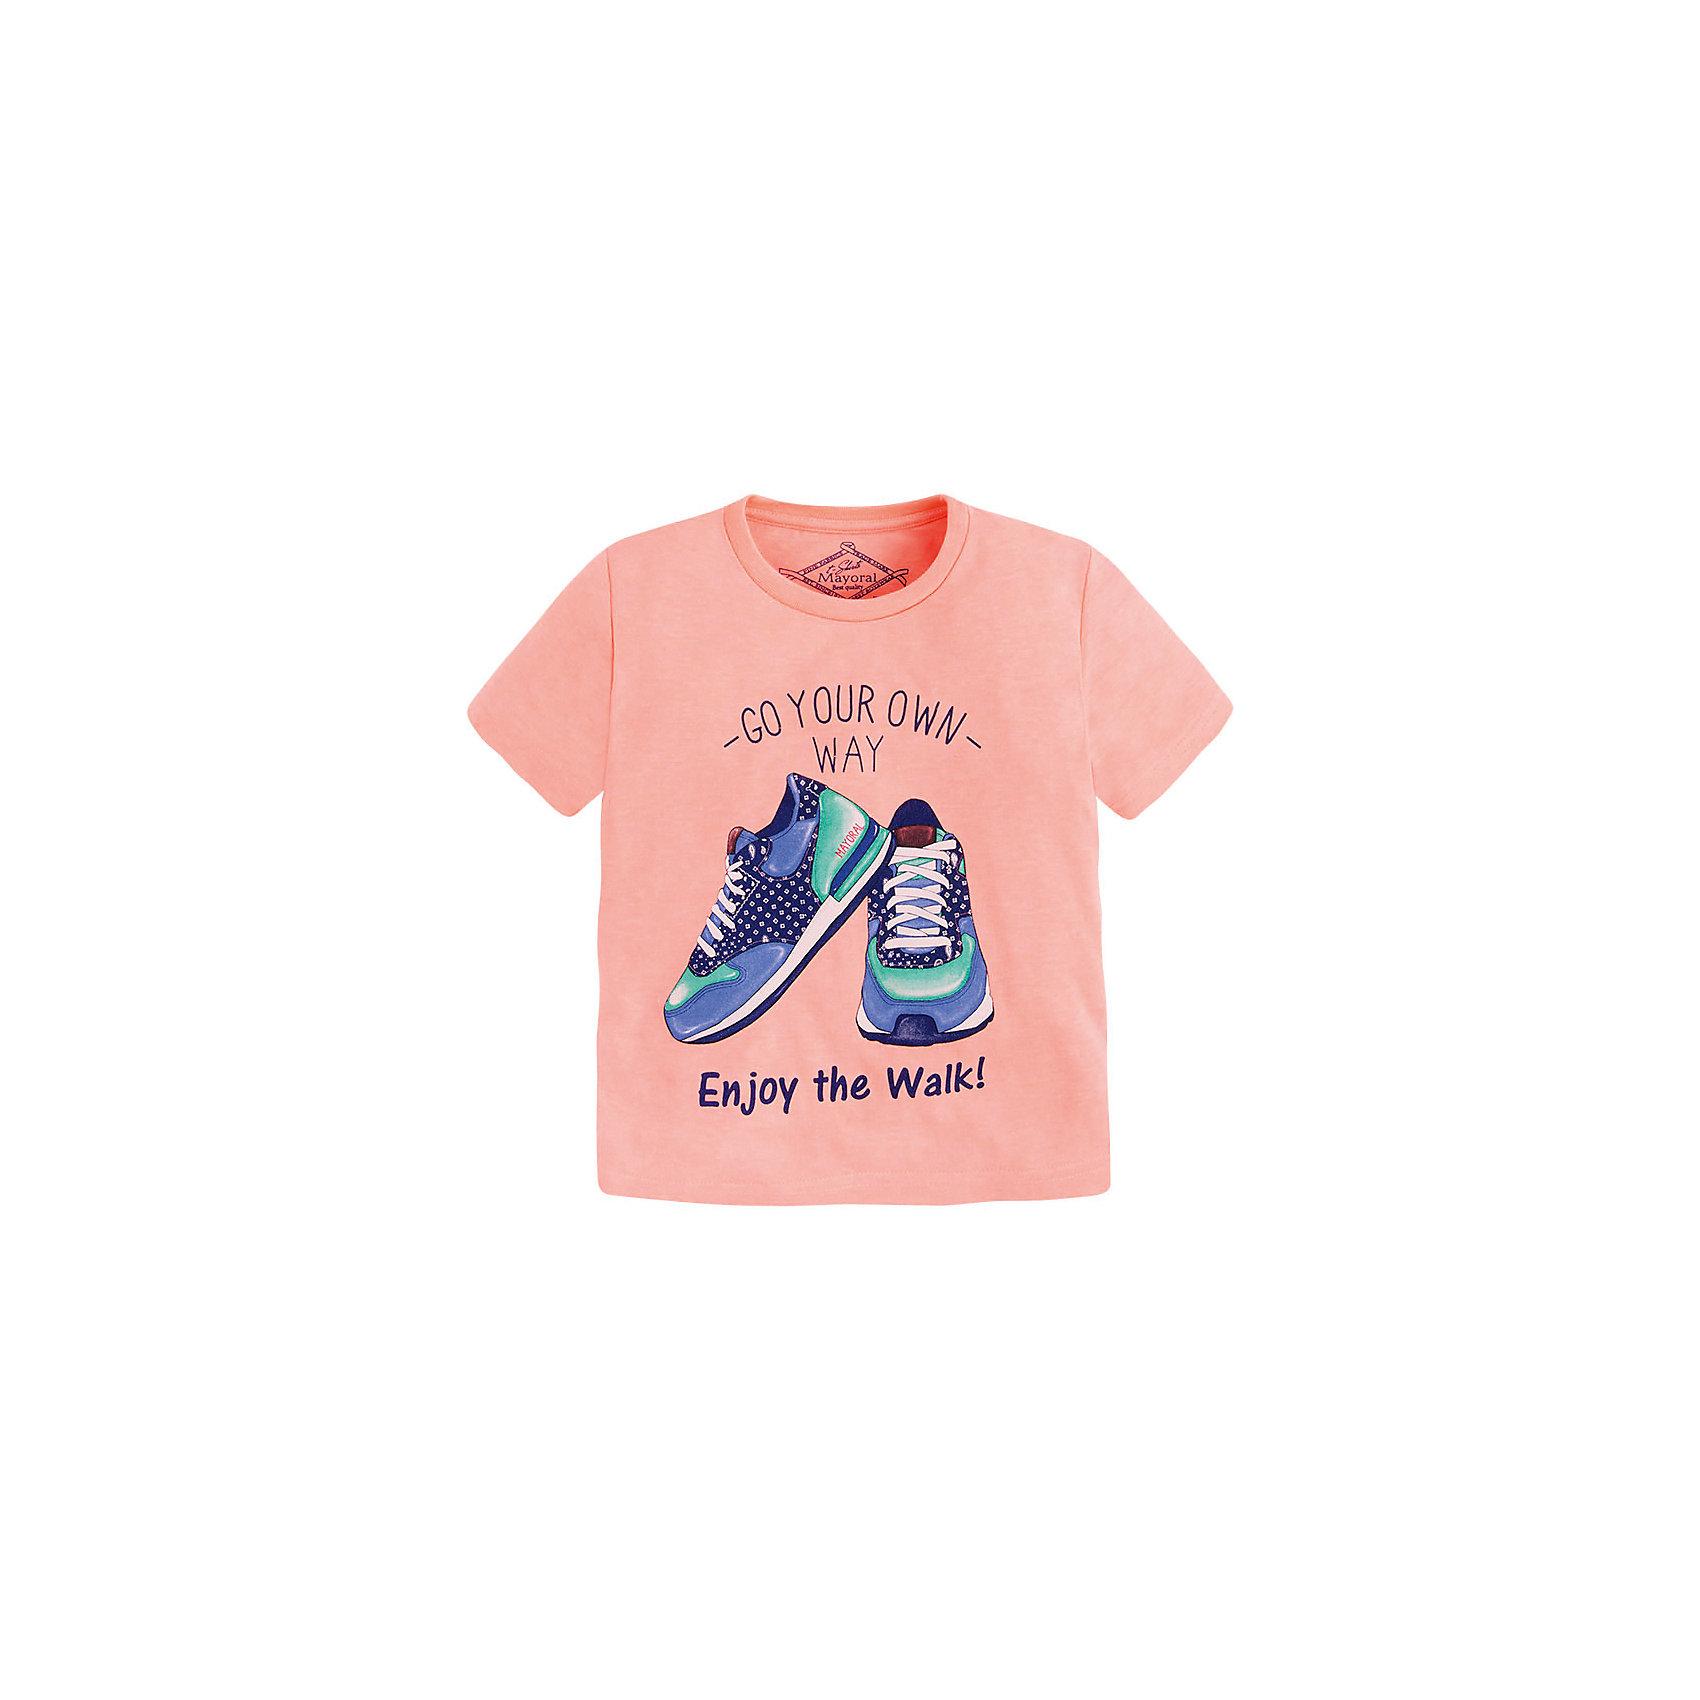 Футболка для мальчика MayoralФутболка для мальчика от известной испанской марки Mayoral <br><br>Стильная футболка от Mayoral - отличный вариант одежды на каждый день! Она прекрасно сочетается с джинсами и шортами.  Модель выполнена из качественных материалов, отлично сидит по фигуре.<br><br>Особенности модели:<br><br>- цвет: розовый;<br>- рукава короткие;<br>- украшена принтом;<br>- окантовка ворота.<br><br>Дополнительная информация:<br><br>Состав: 65% полиэстер, 35% хлопок<br><br>Футболку для мальчика Mayoral (Майорал) можно купить в нашем магазине.<br><br>Ширина мм: 199<br>Глубина мм: 10<br>Высота мм: 161<br>Вес г: 151<br>Цвет: оранжевый<br>Возраст от месяцев: 72<br>Возраст до месяцев: 84<br>Пол: Мужской<br>Возраст: Детский<br>Размер: 122,134,128,110,98,104,116<br>SKU: 4541331